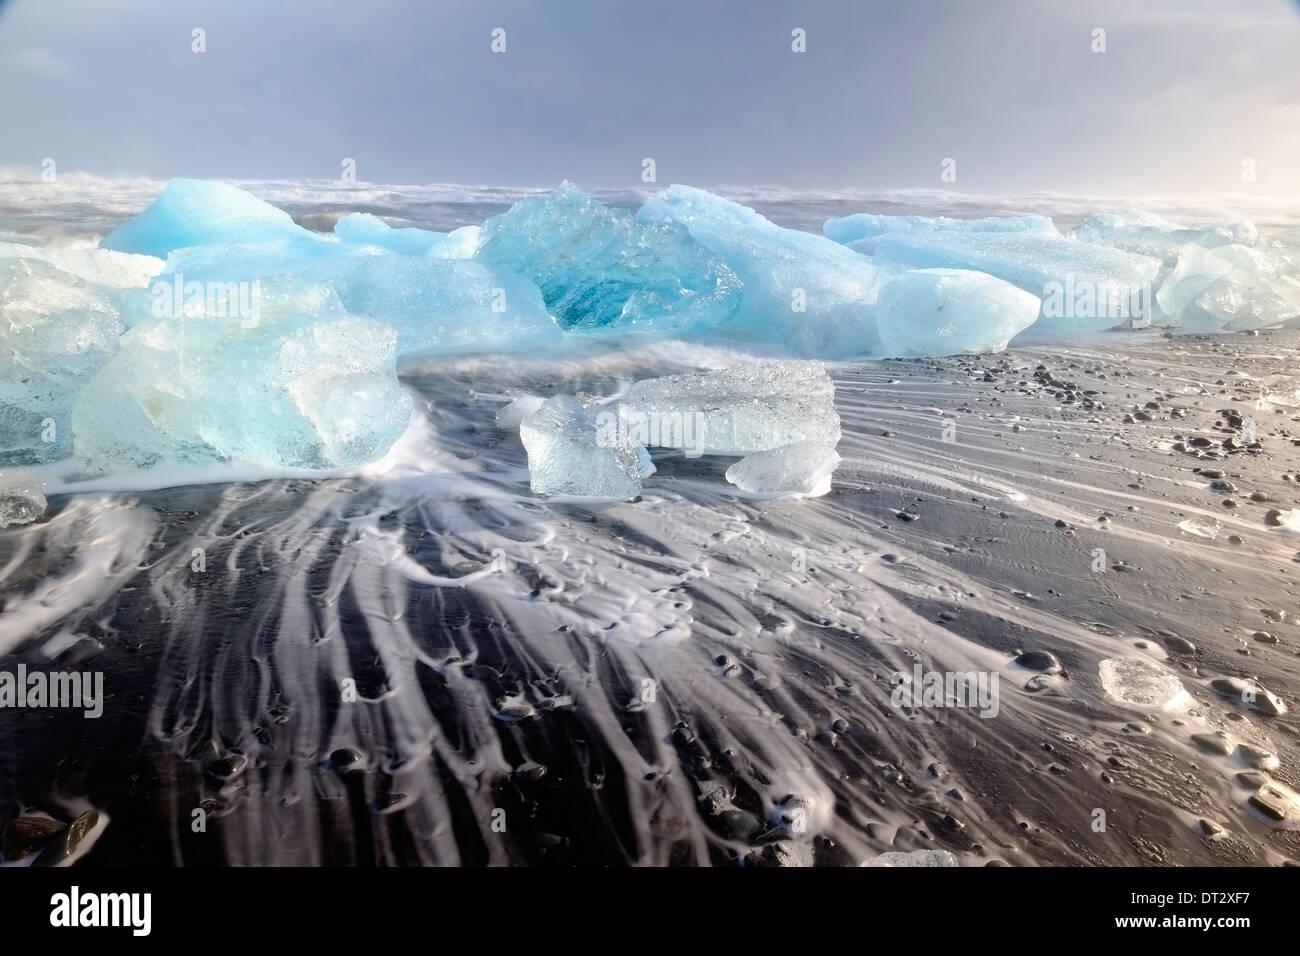 Los IceBergs y las olas en la playa de Jokulsarlon, Región Polar, en el sur de Islandia Imagen De Stock